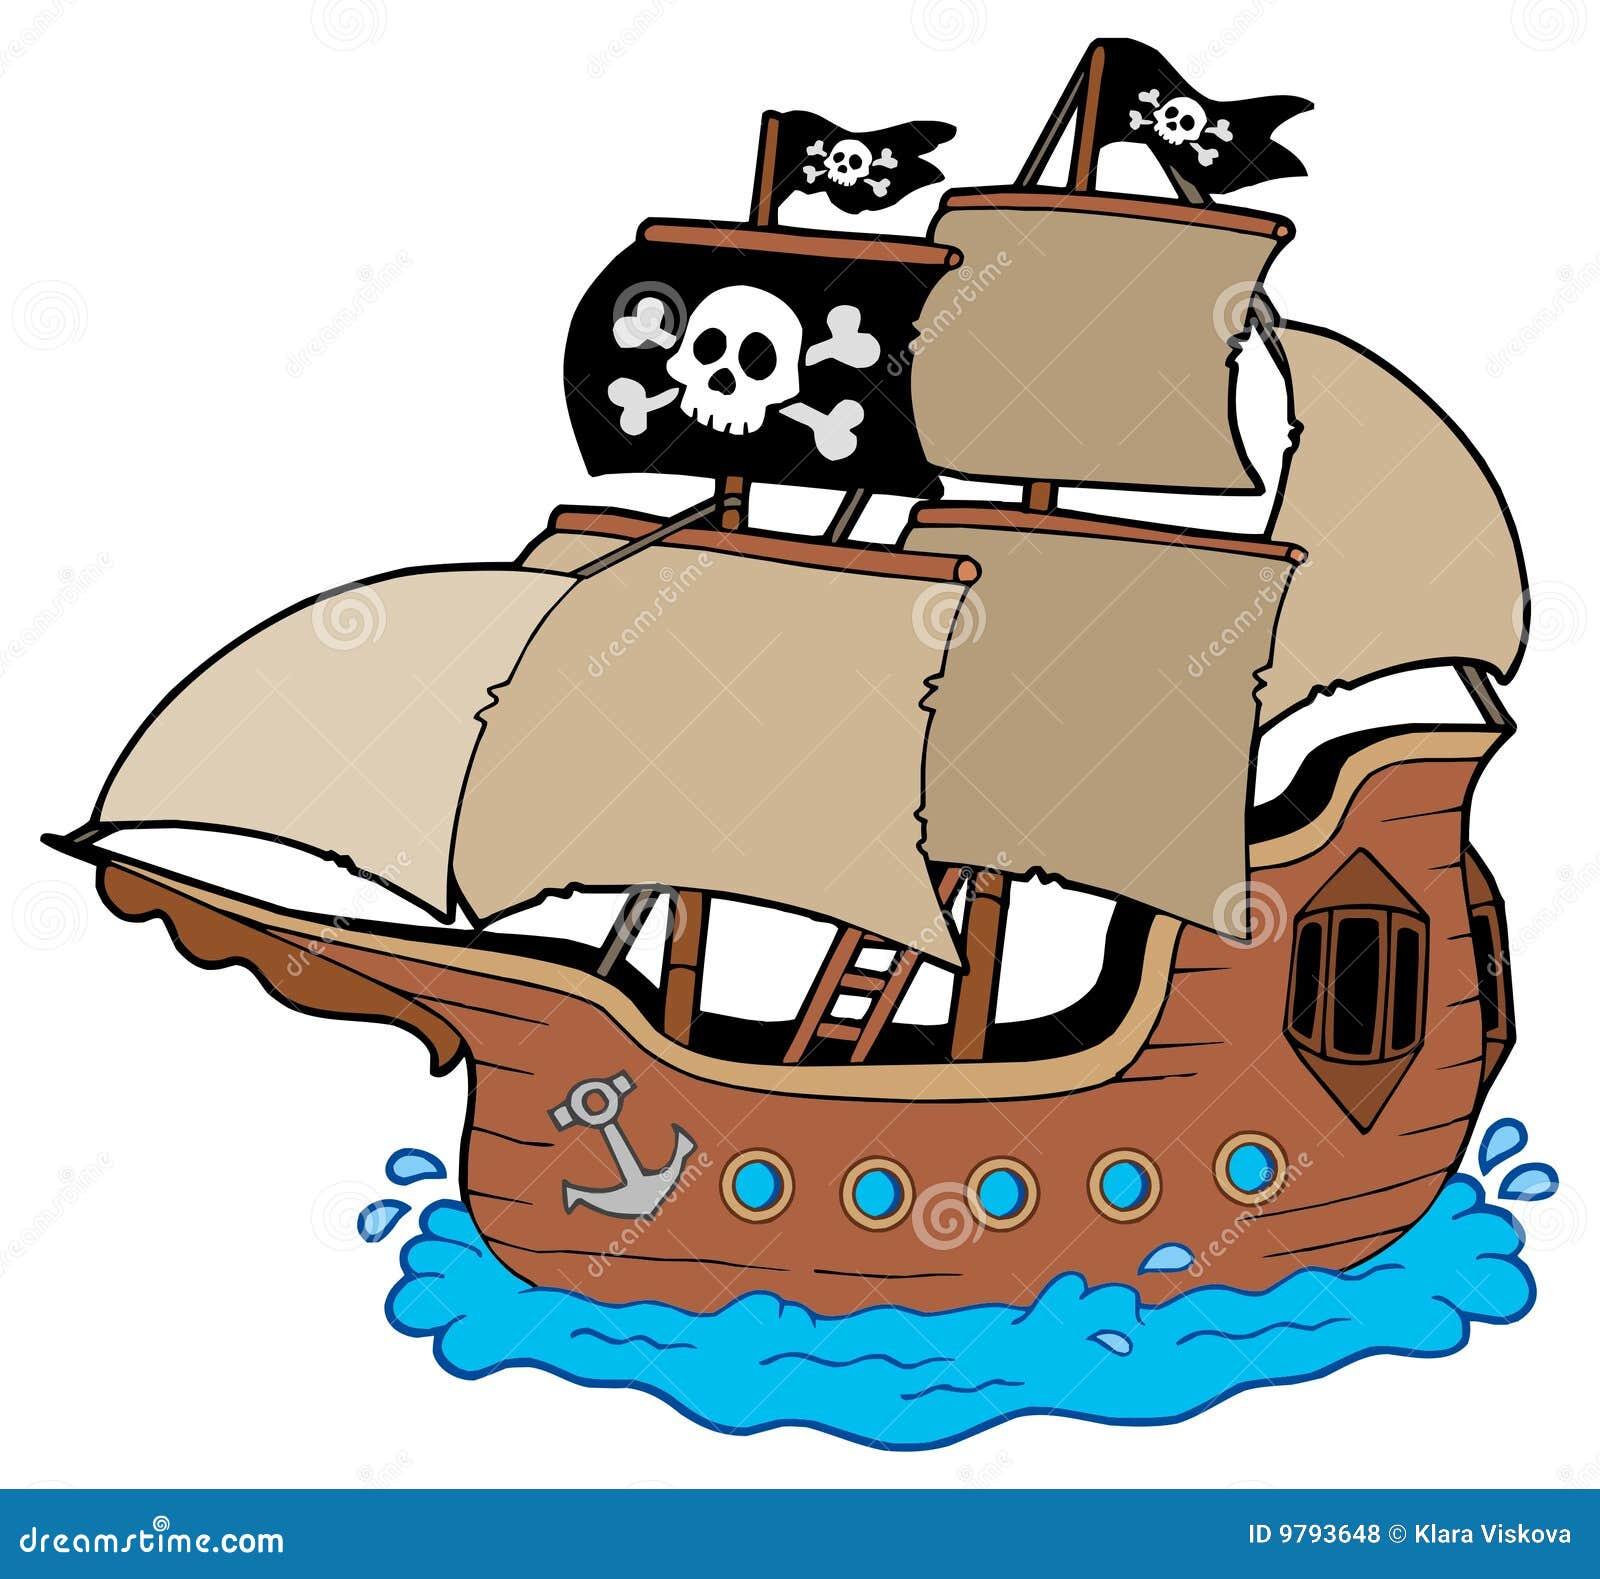 Bateau de pirate illustration de vecteur illustration du - Image bateau pirate ...